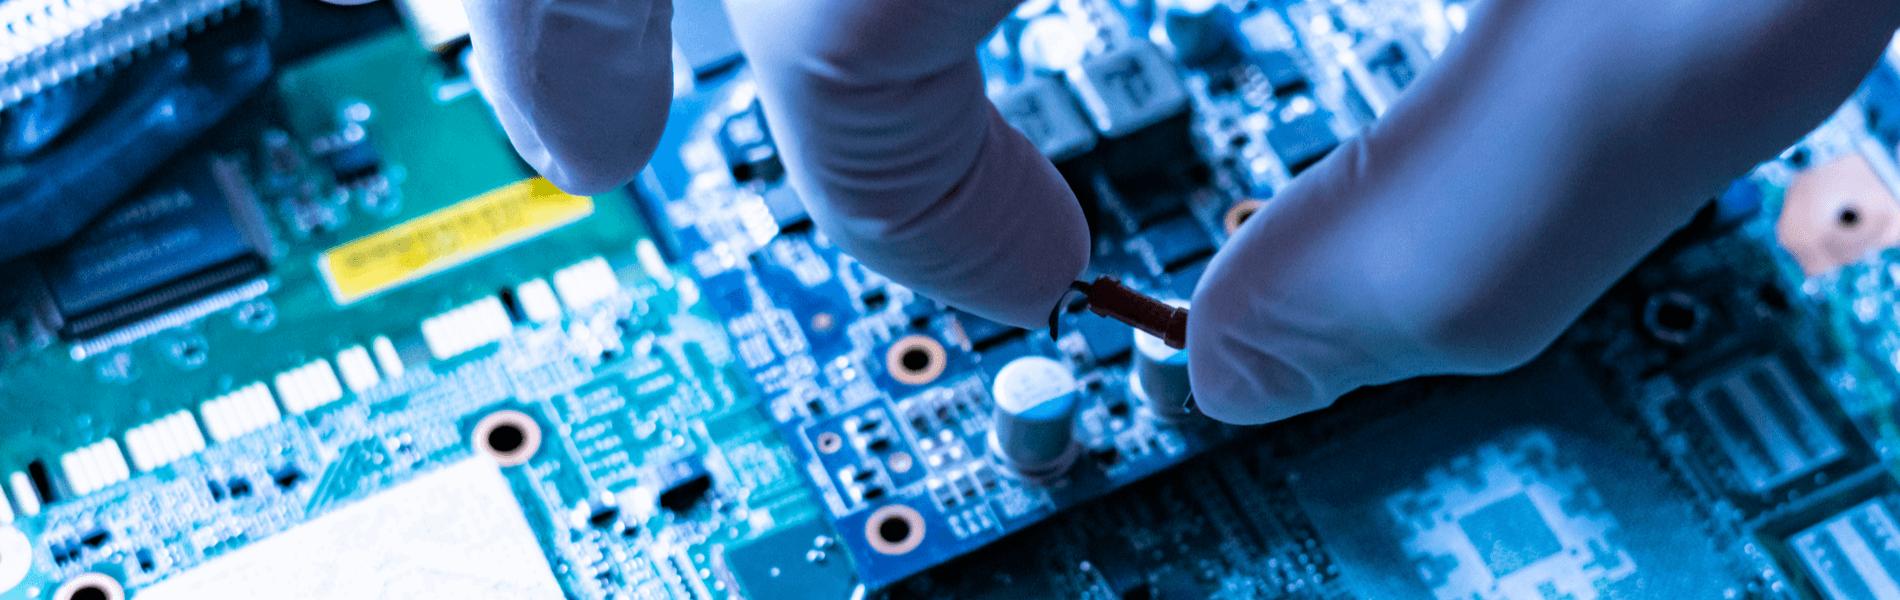 reshoring-electronics-manufacturing-banner